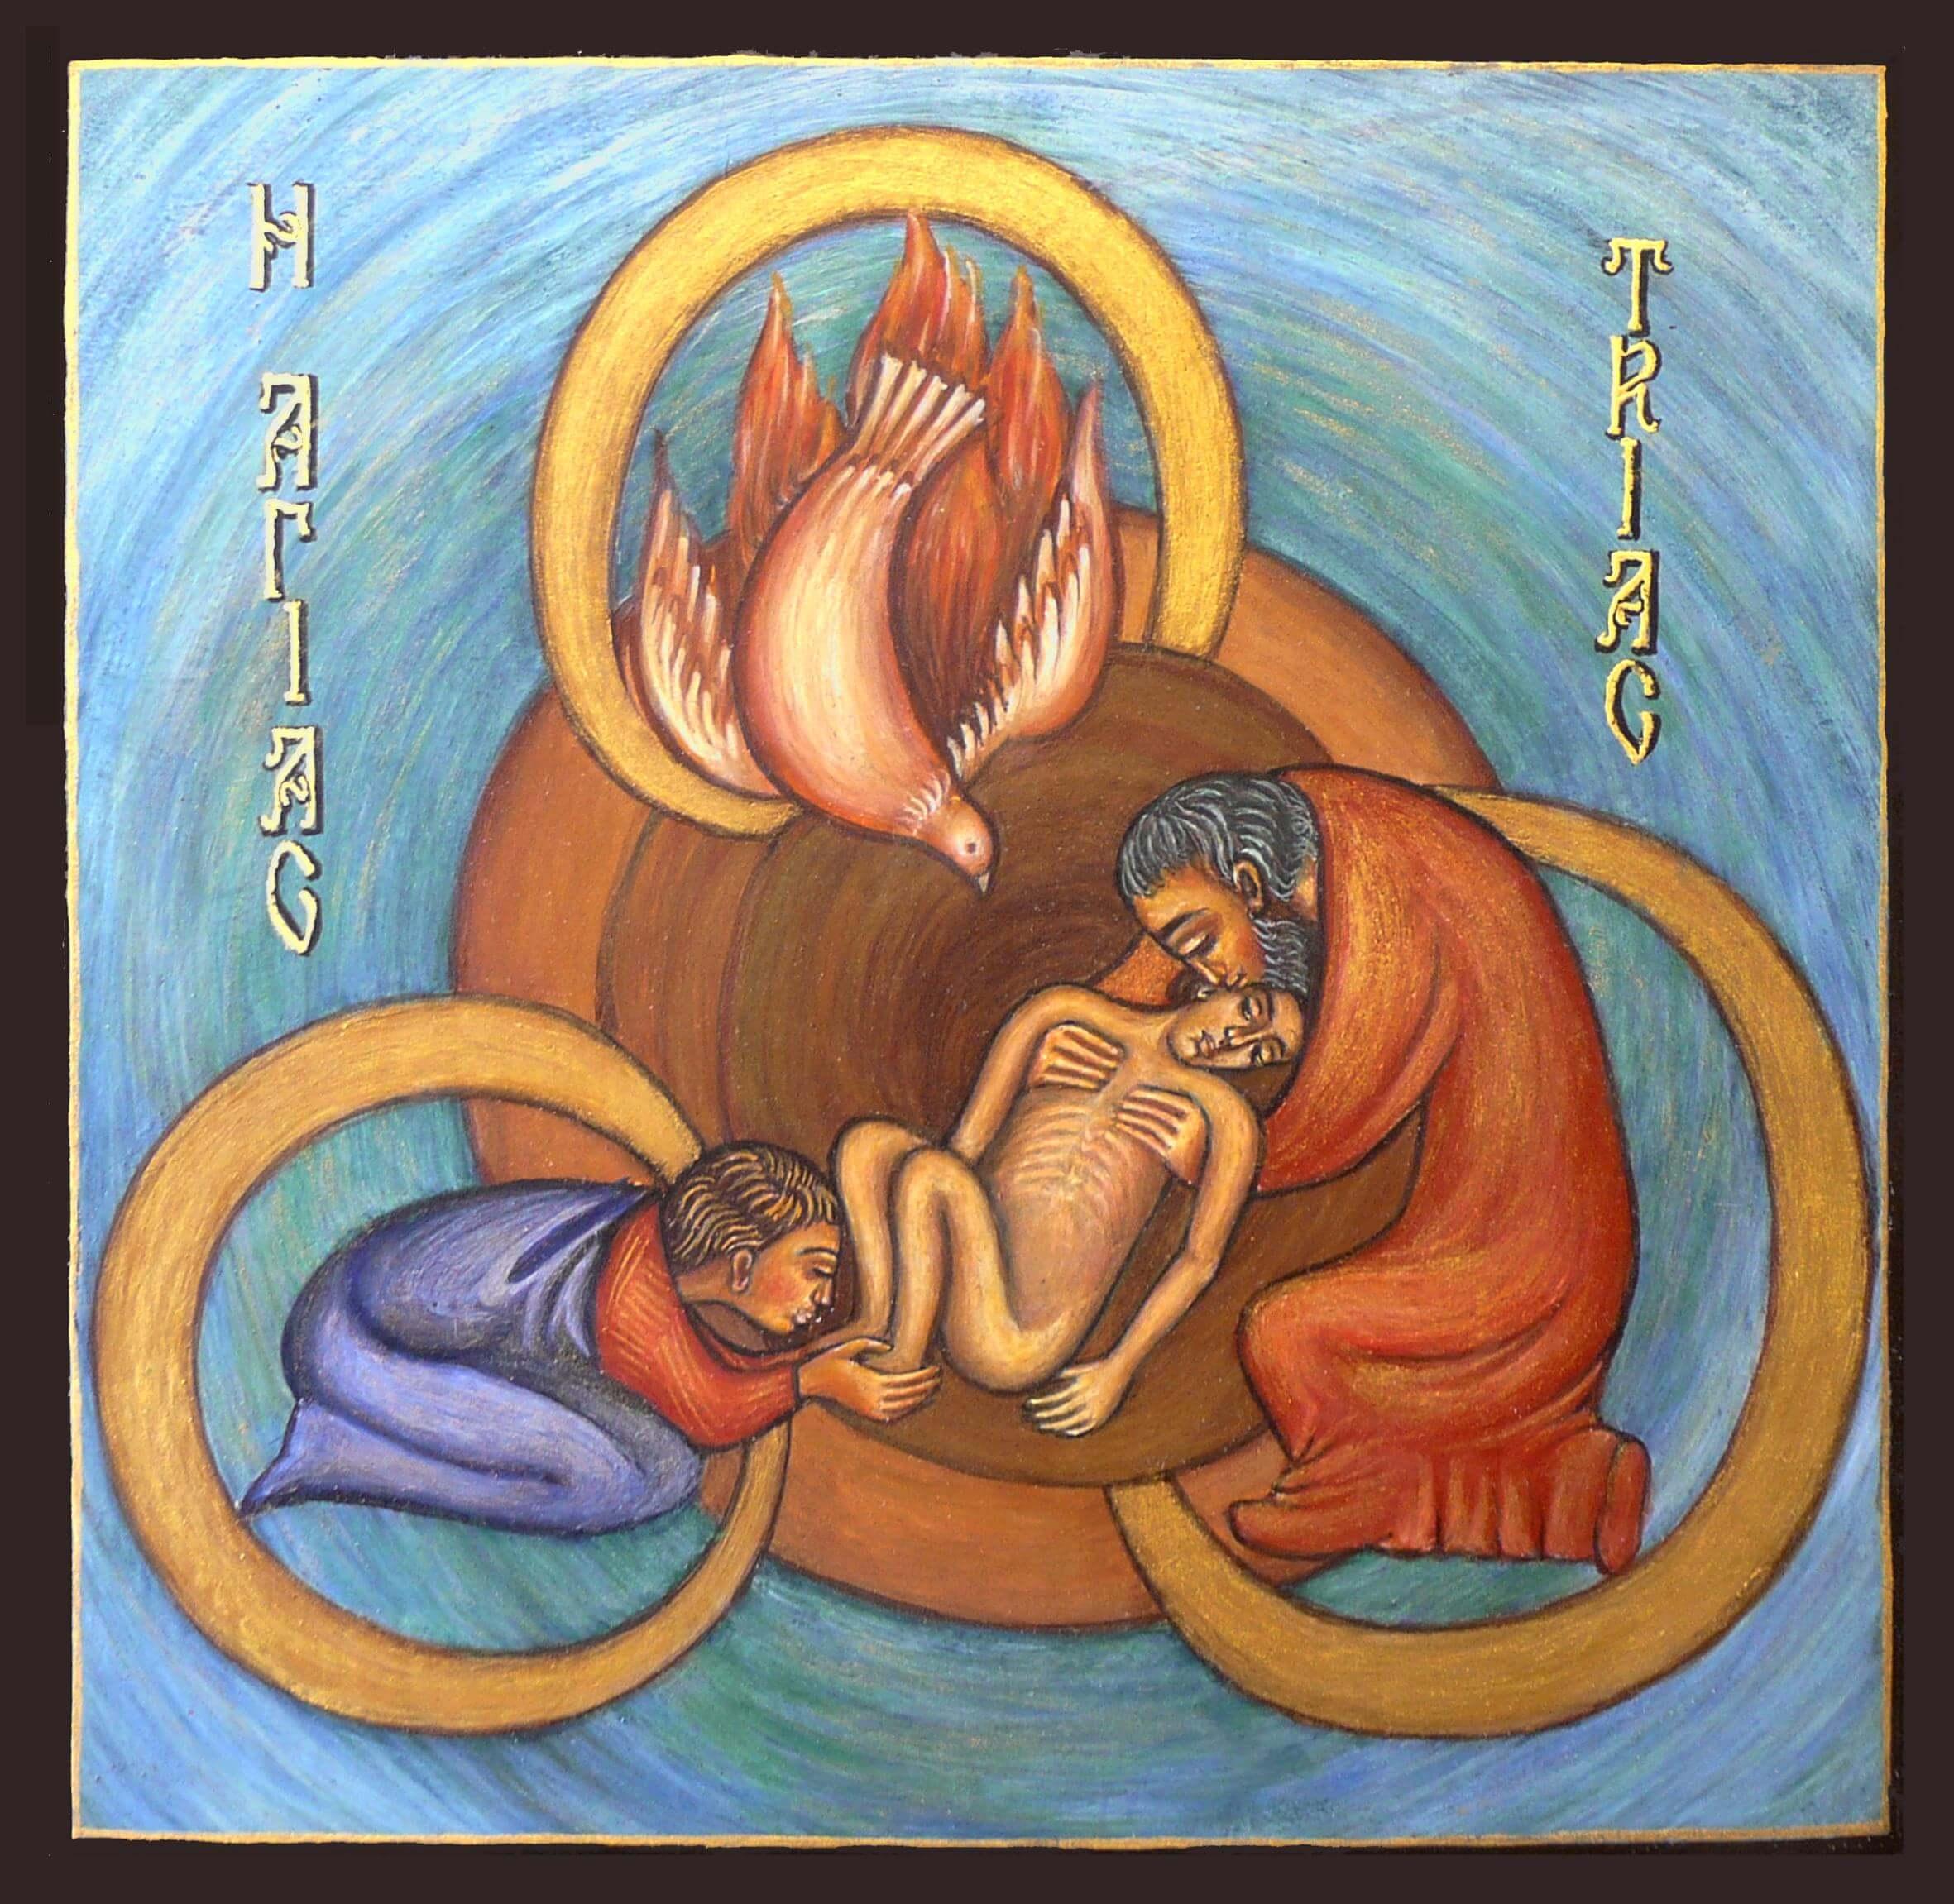 Ikone von Frau Elena Filipescu. Gemalt nach einer Kunstkeramik von Sr. Caritas Müller